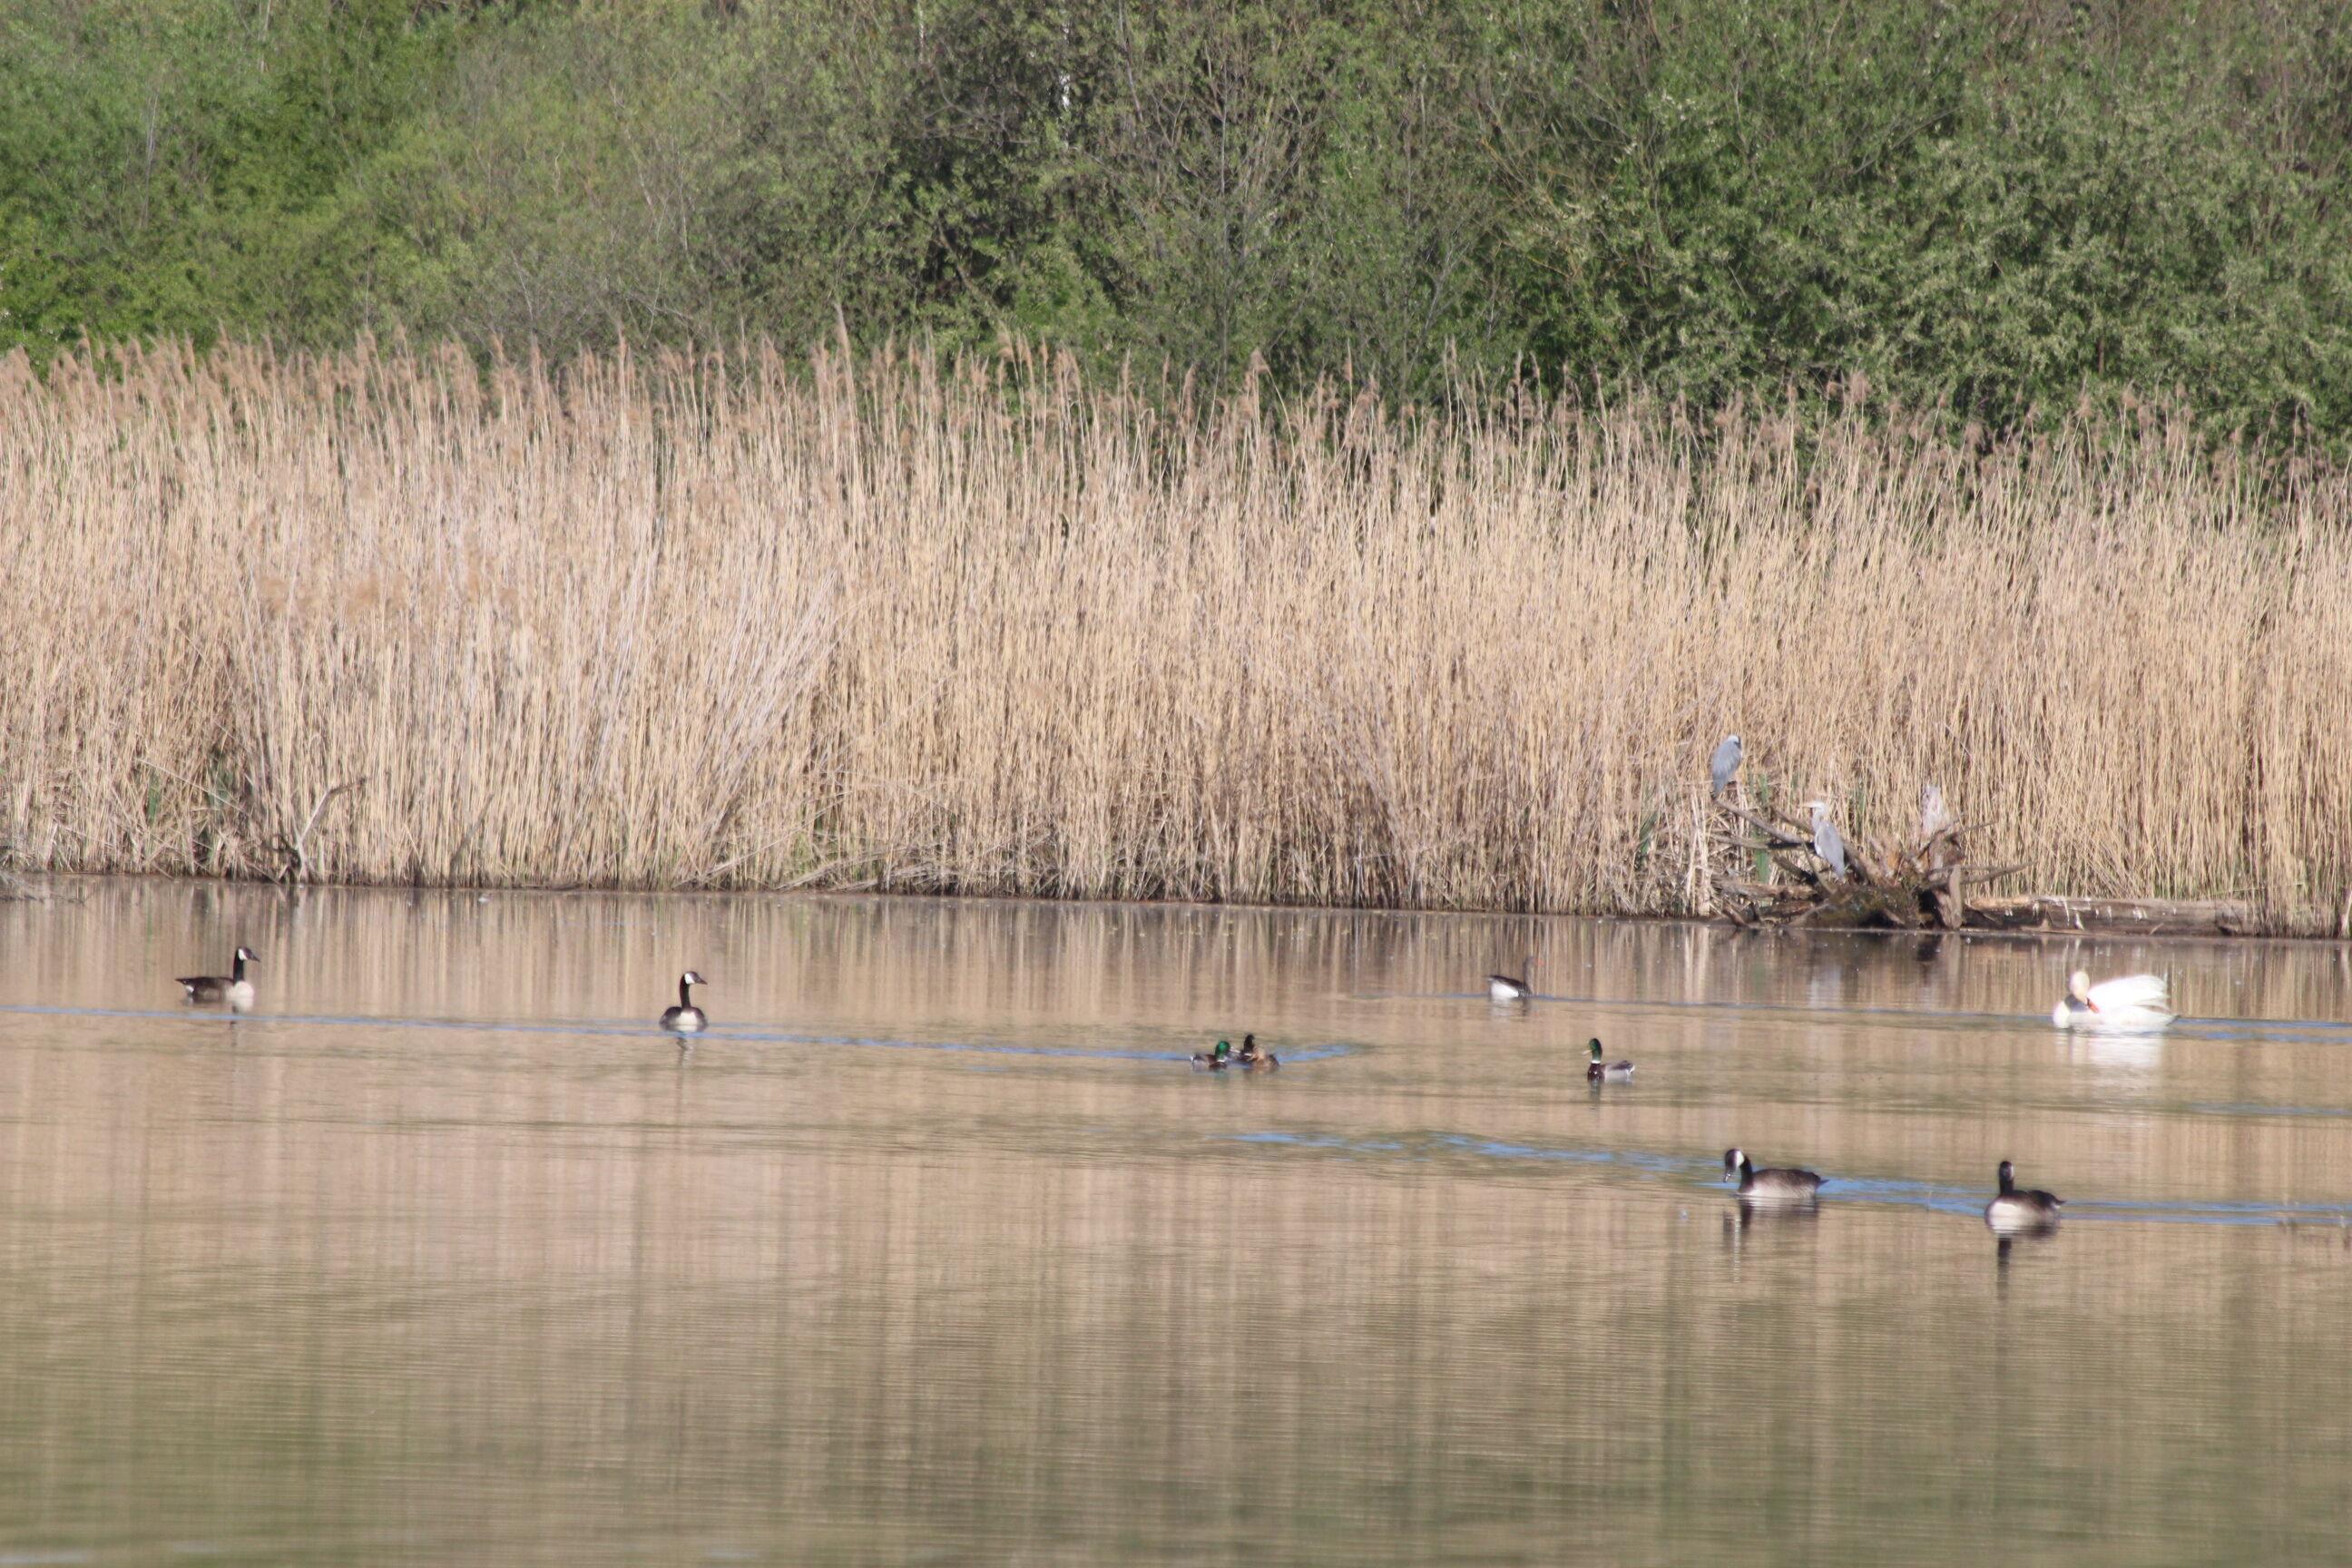 Die Vogelwelt im LIFE-Natur-Gebiet ist vielfältig. Foto: Umweltstation Weismain